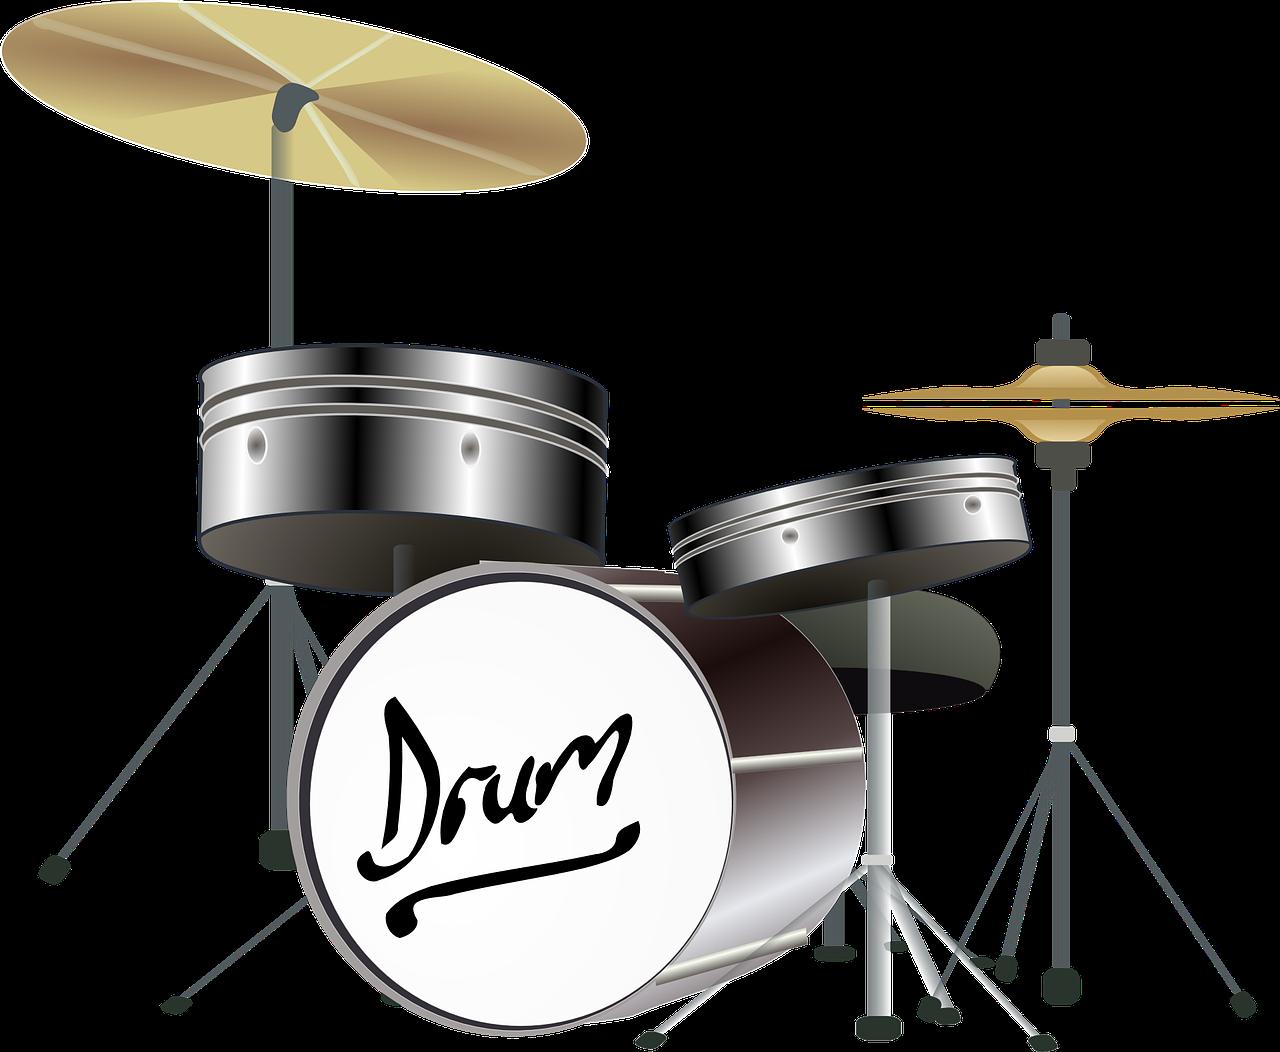 drums 31359 1280